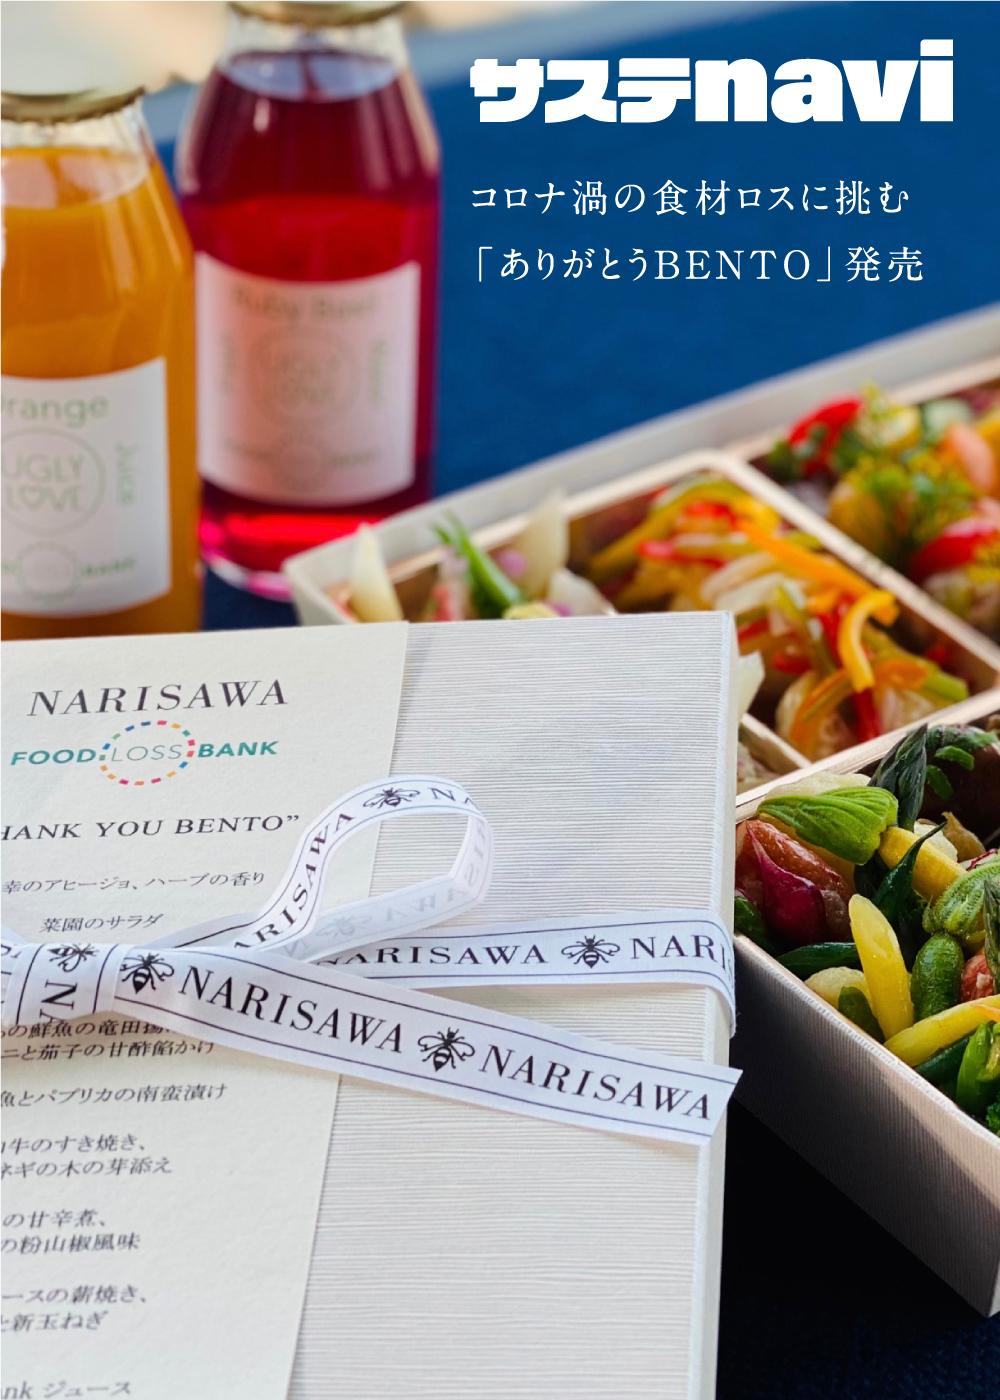 FOOD LOSS BANK × 二つ星レストラン 「NARISAWA」コロナ渦の食材ロスに挑む 「ありがとう BENTO」発売